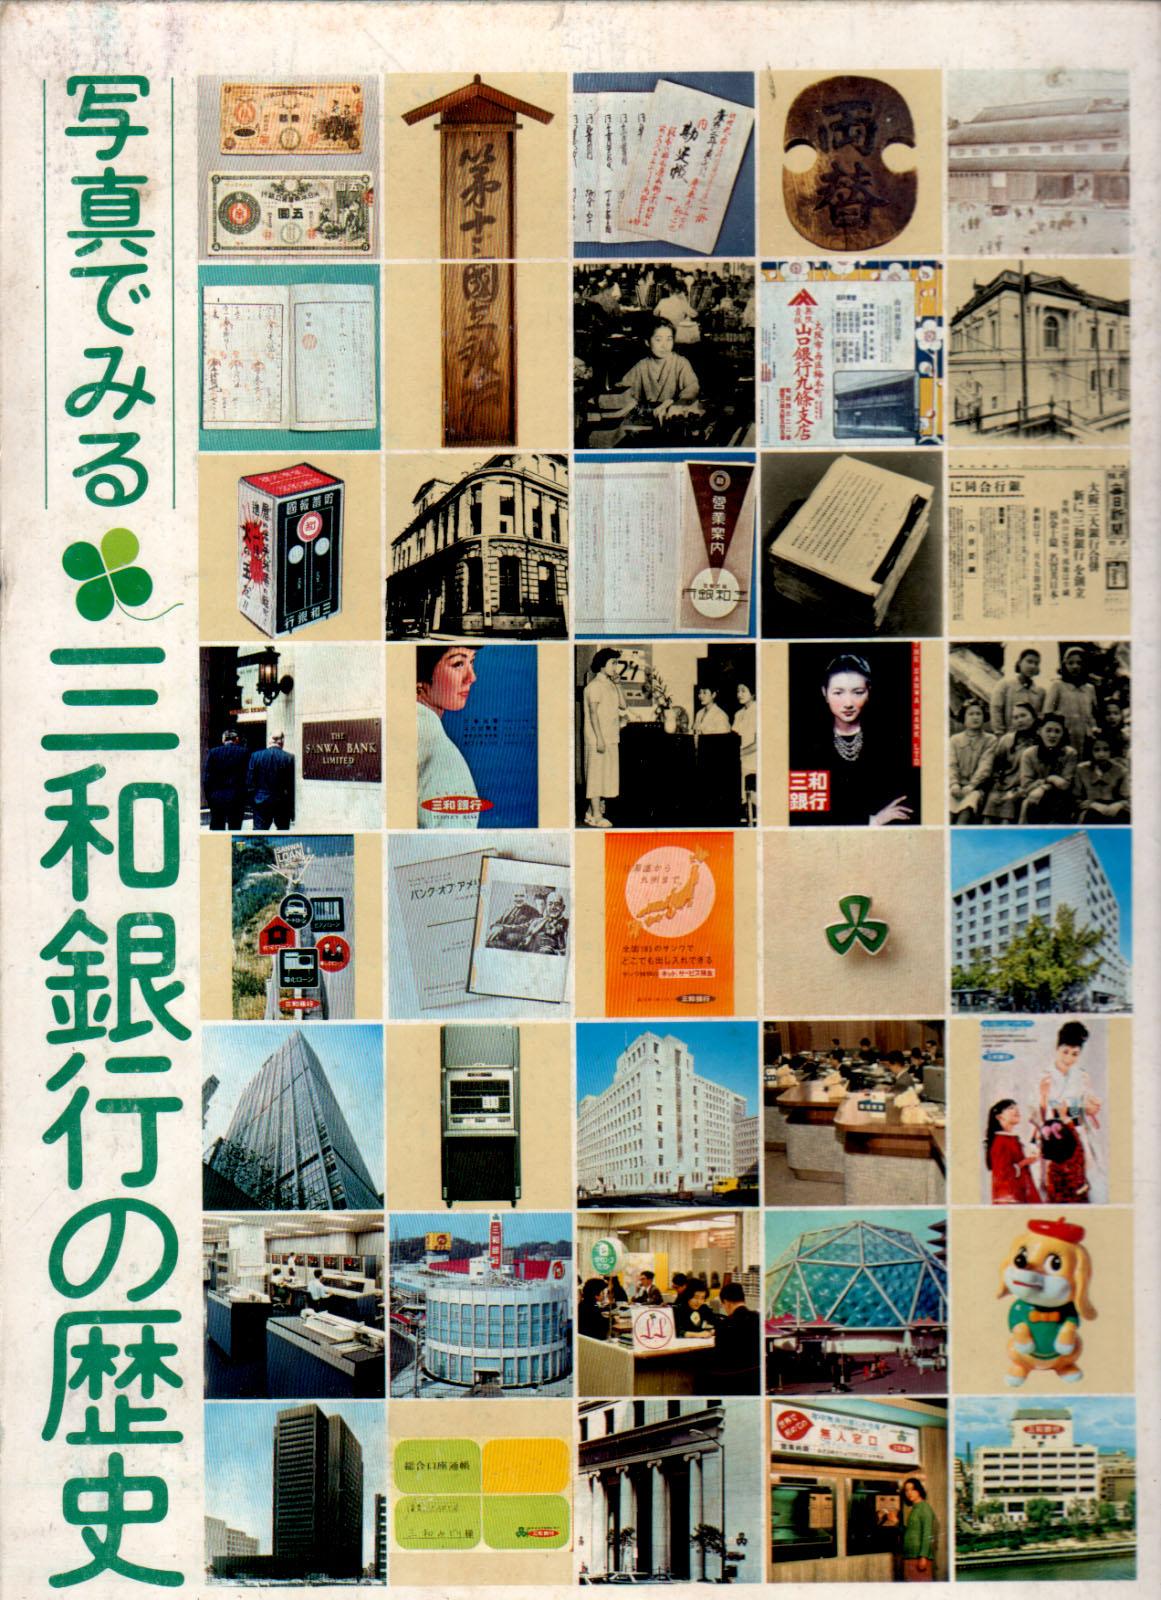 三和 イゴールの灯台:三和銀行の歴史 - livedoor Blog(ブログ) イゴールの灯台